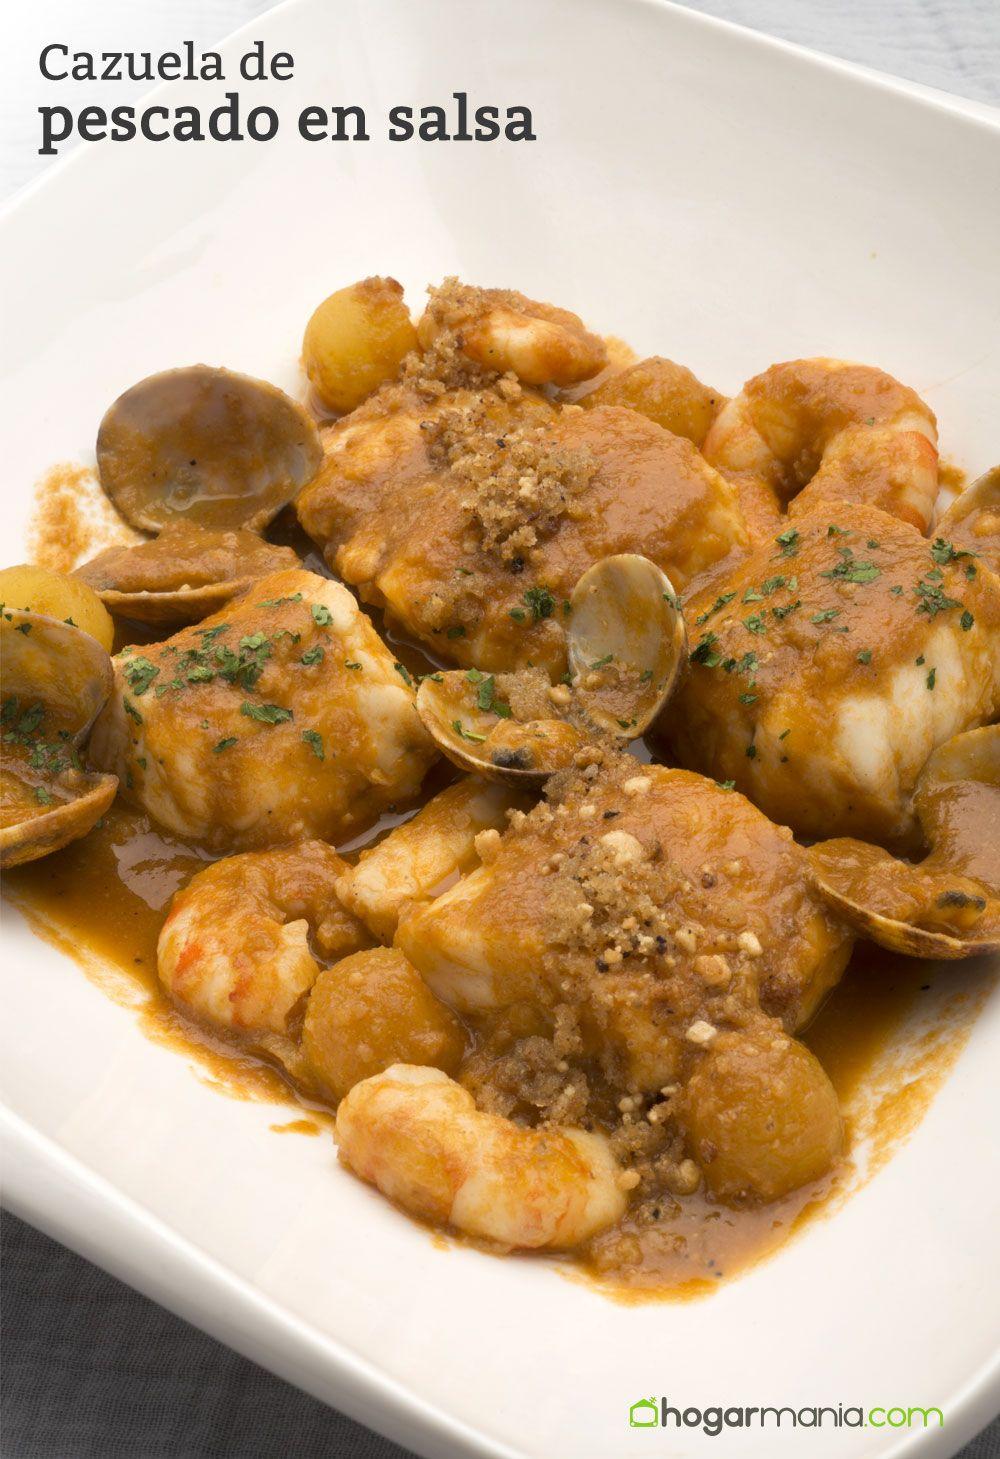 Cazuela de pescado en salsa